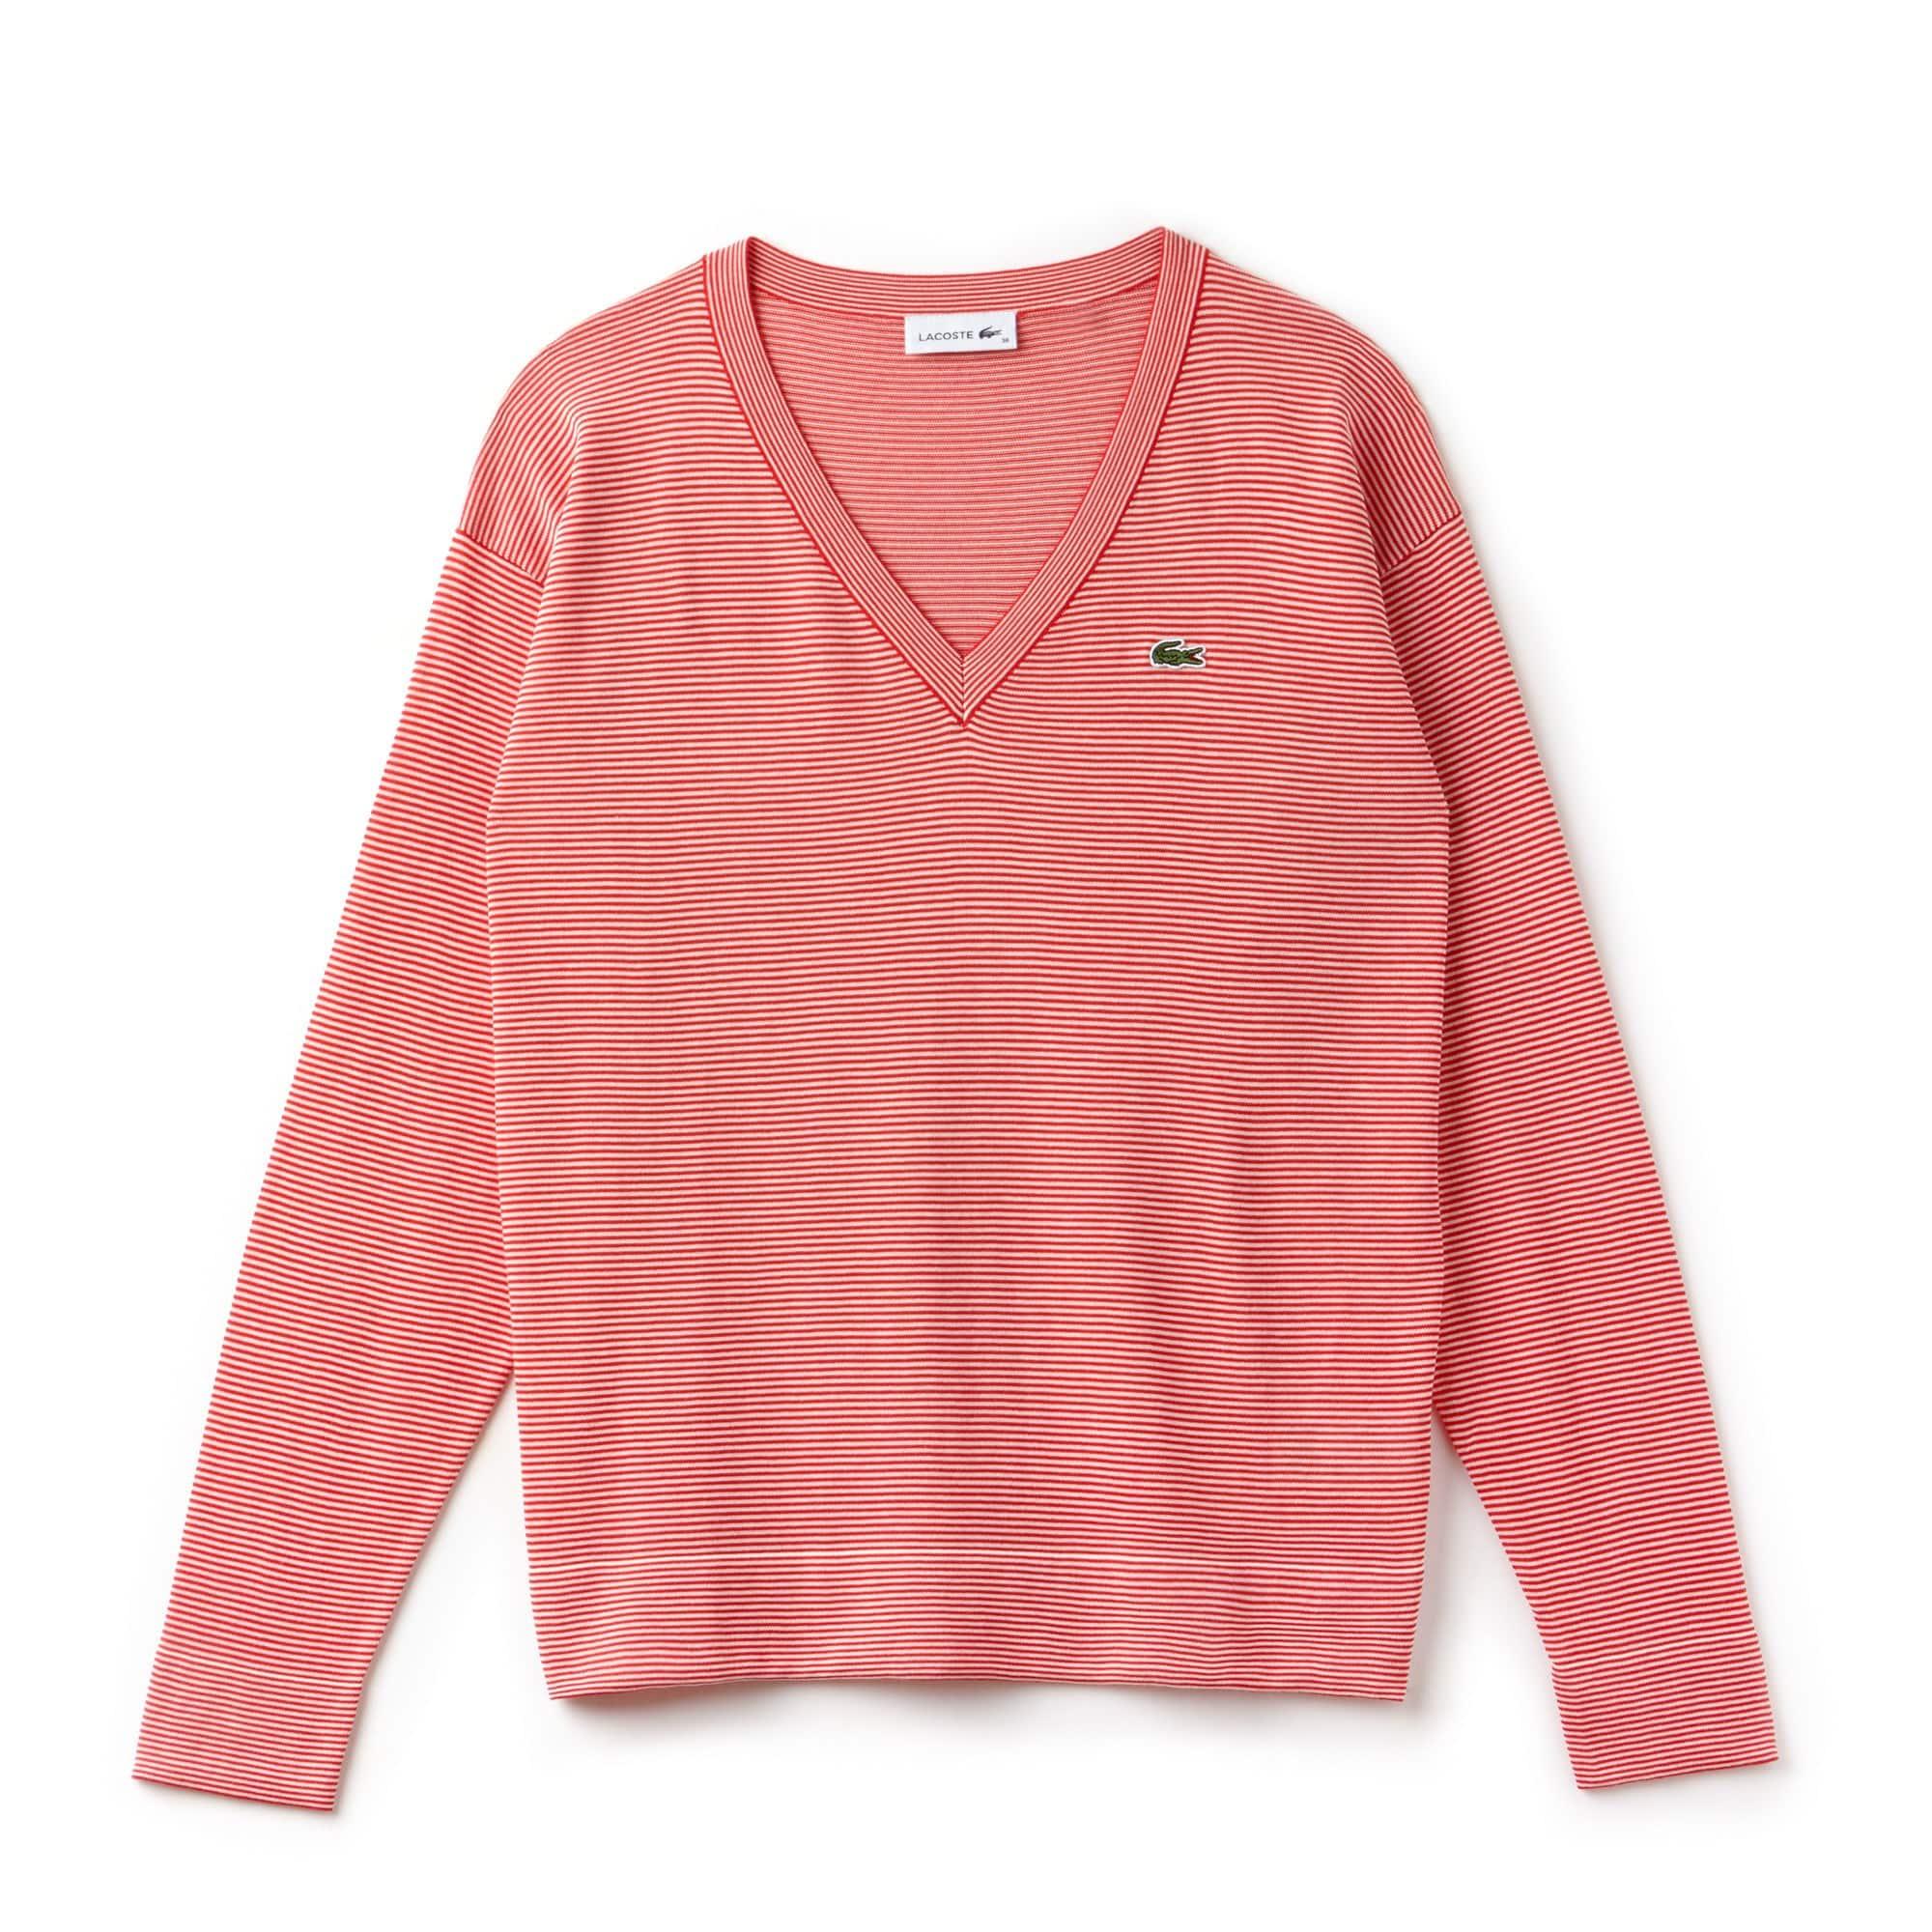 Damen-Pullover aus Baumwolljersey mit Nadelstreifen